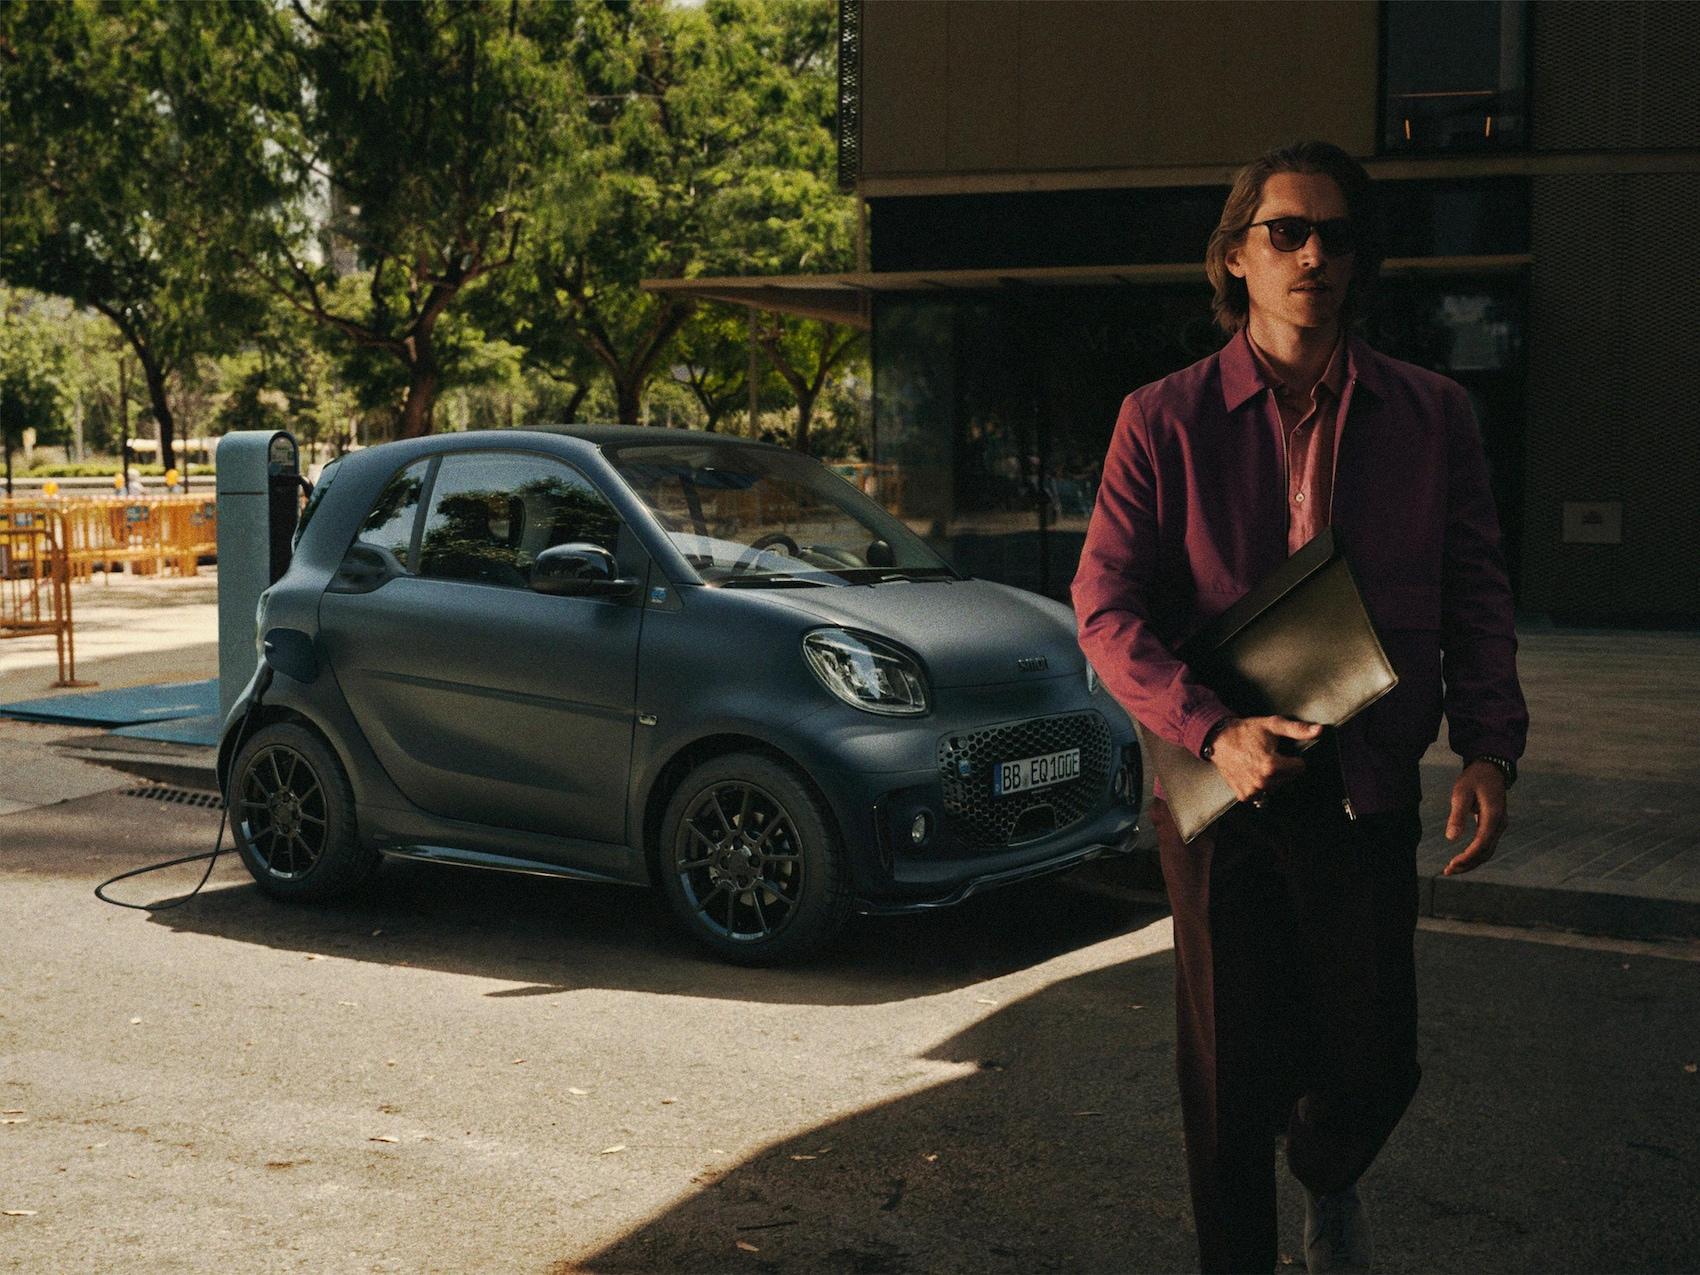 smart EQ fortwo coupé - edition bluedawn vue latérale